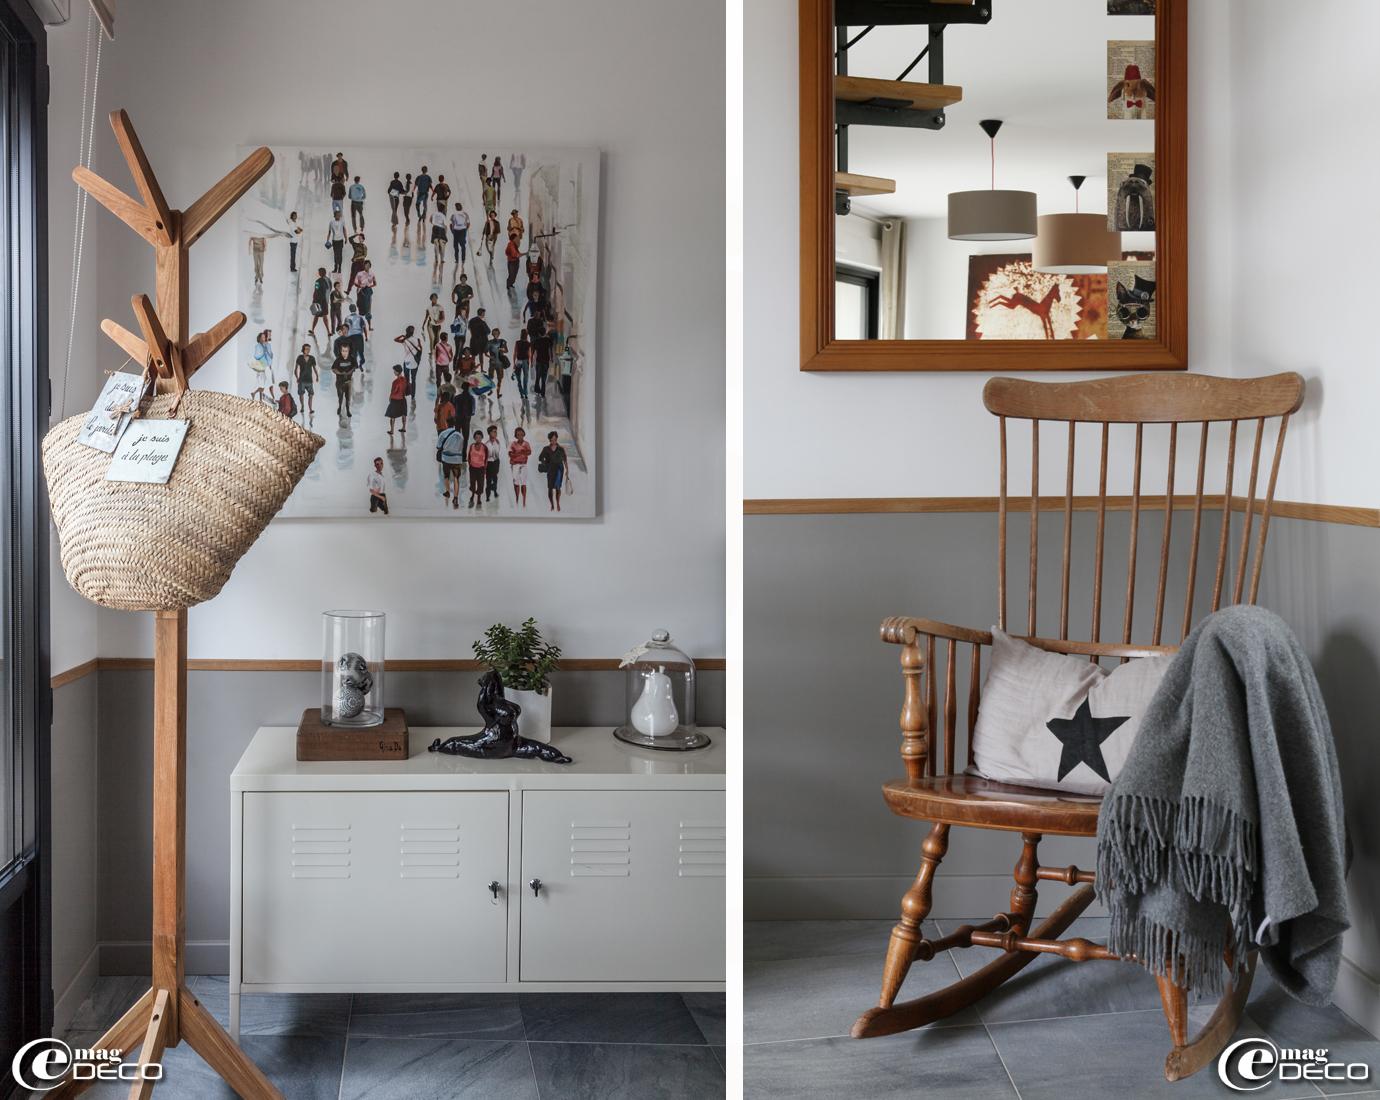 Meuble en métal laqué de style indus' 'Ikea', reproduction de Cathy Doutreligne et porte-manteau en bois achetés chez 'Fly', coussin étoilé 'AM.PM.' et plaid 'Cecchi e Cecchi'